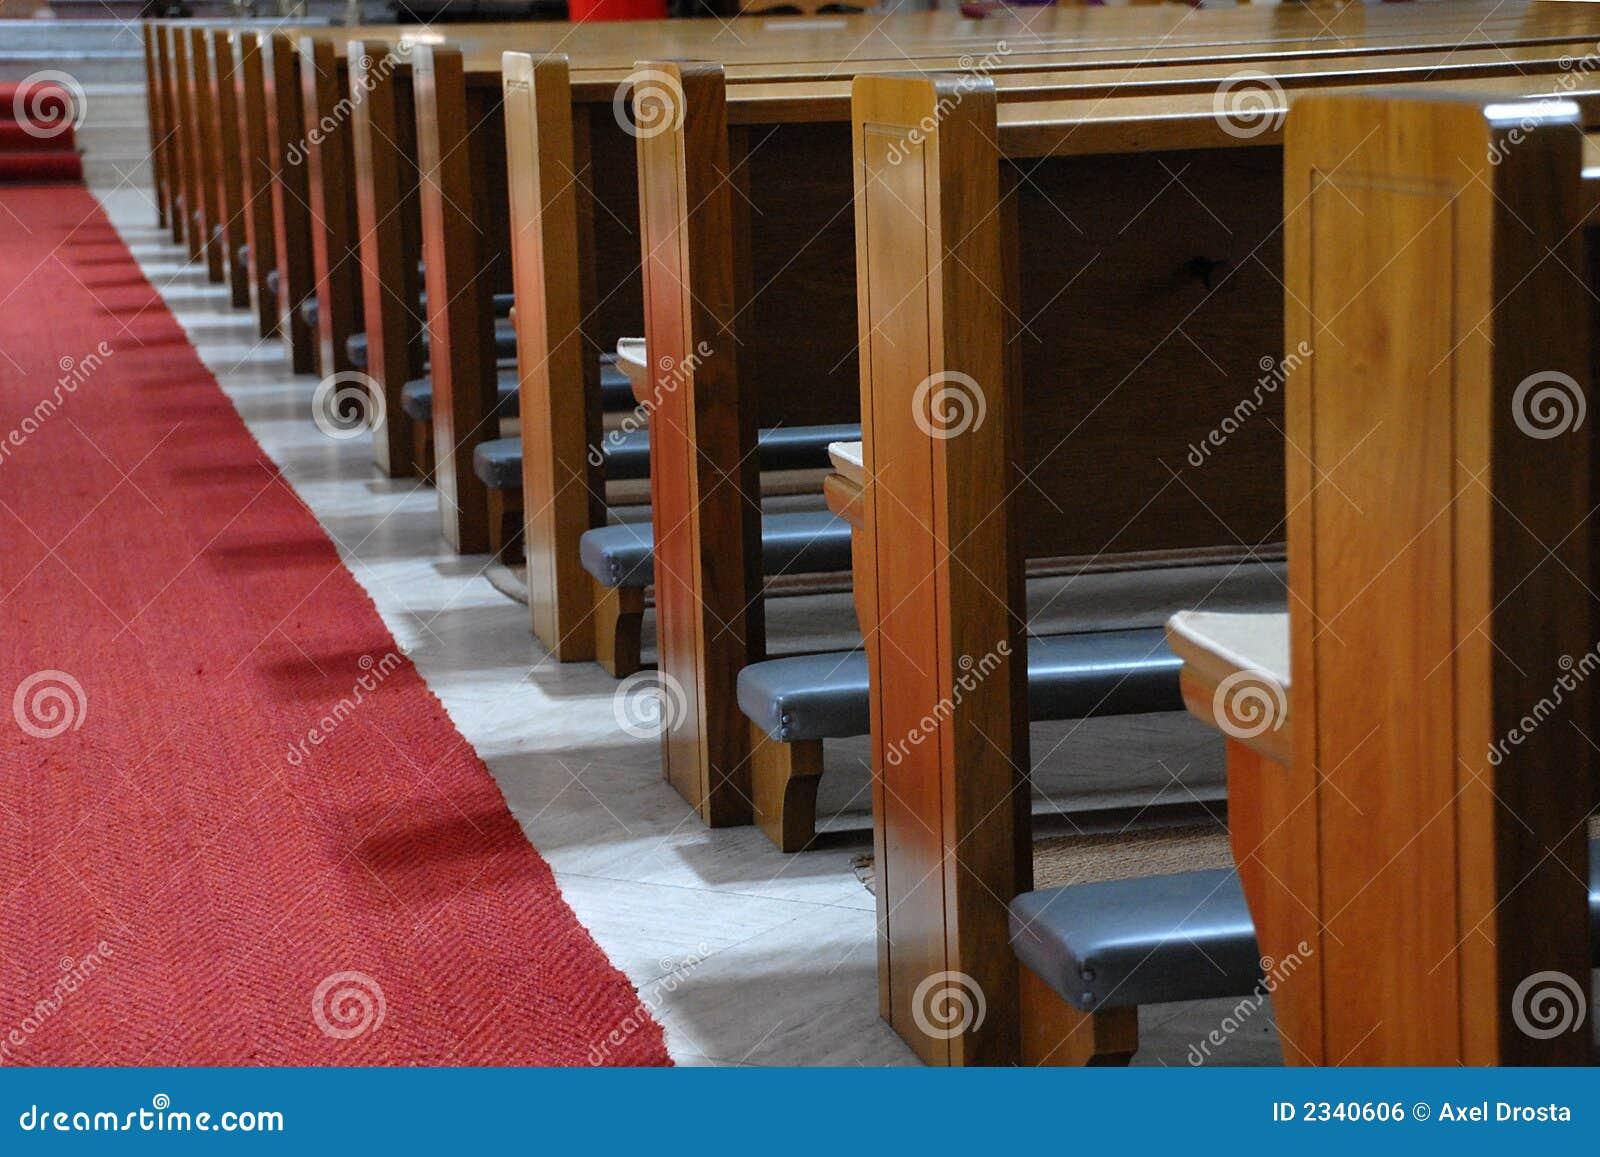 #863C24  Baviera Alemanha corredor atapetado vermelho bancos de madeira 1300x957 px banco de madeira para igreja preço @ bernauer.info Móveis Antigos Novos E Usados Online